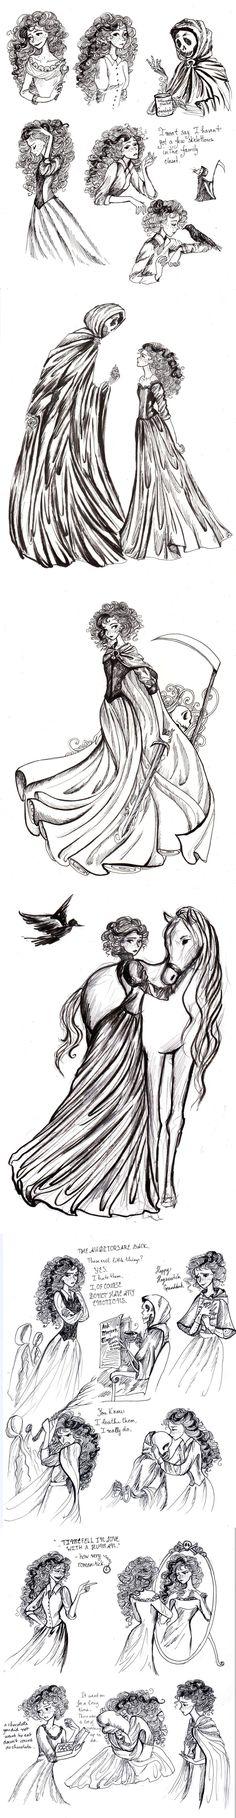 Susan Sto Helit doodles by La-Chapeliere-Folle.deviantart.com on @DeviantArt